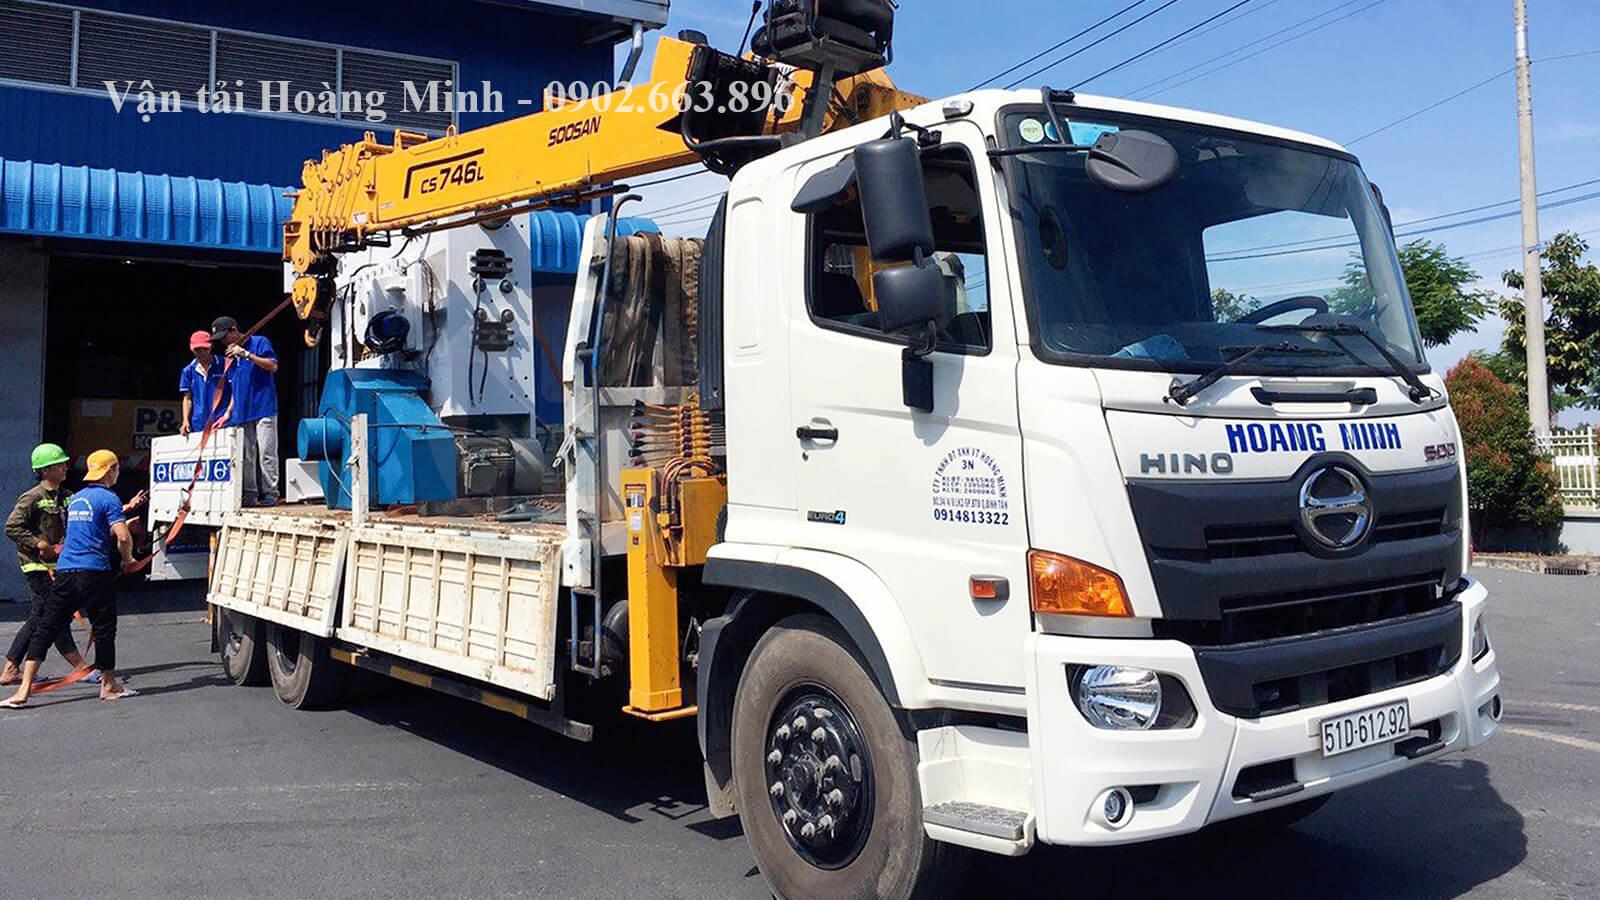 liên hệ dịch vụ xe cẩu vận chuyển hàng hoá